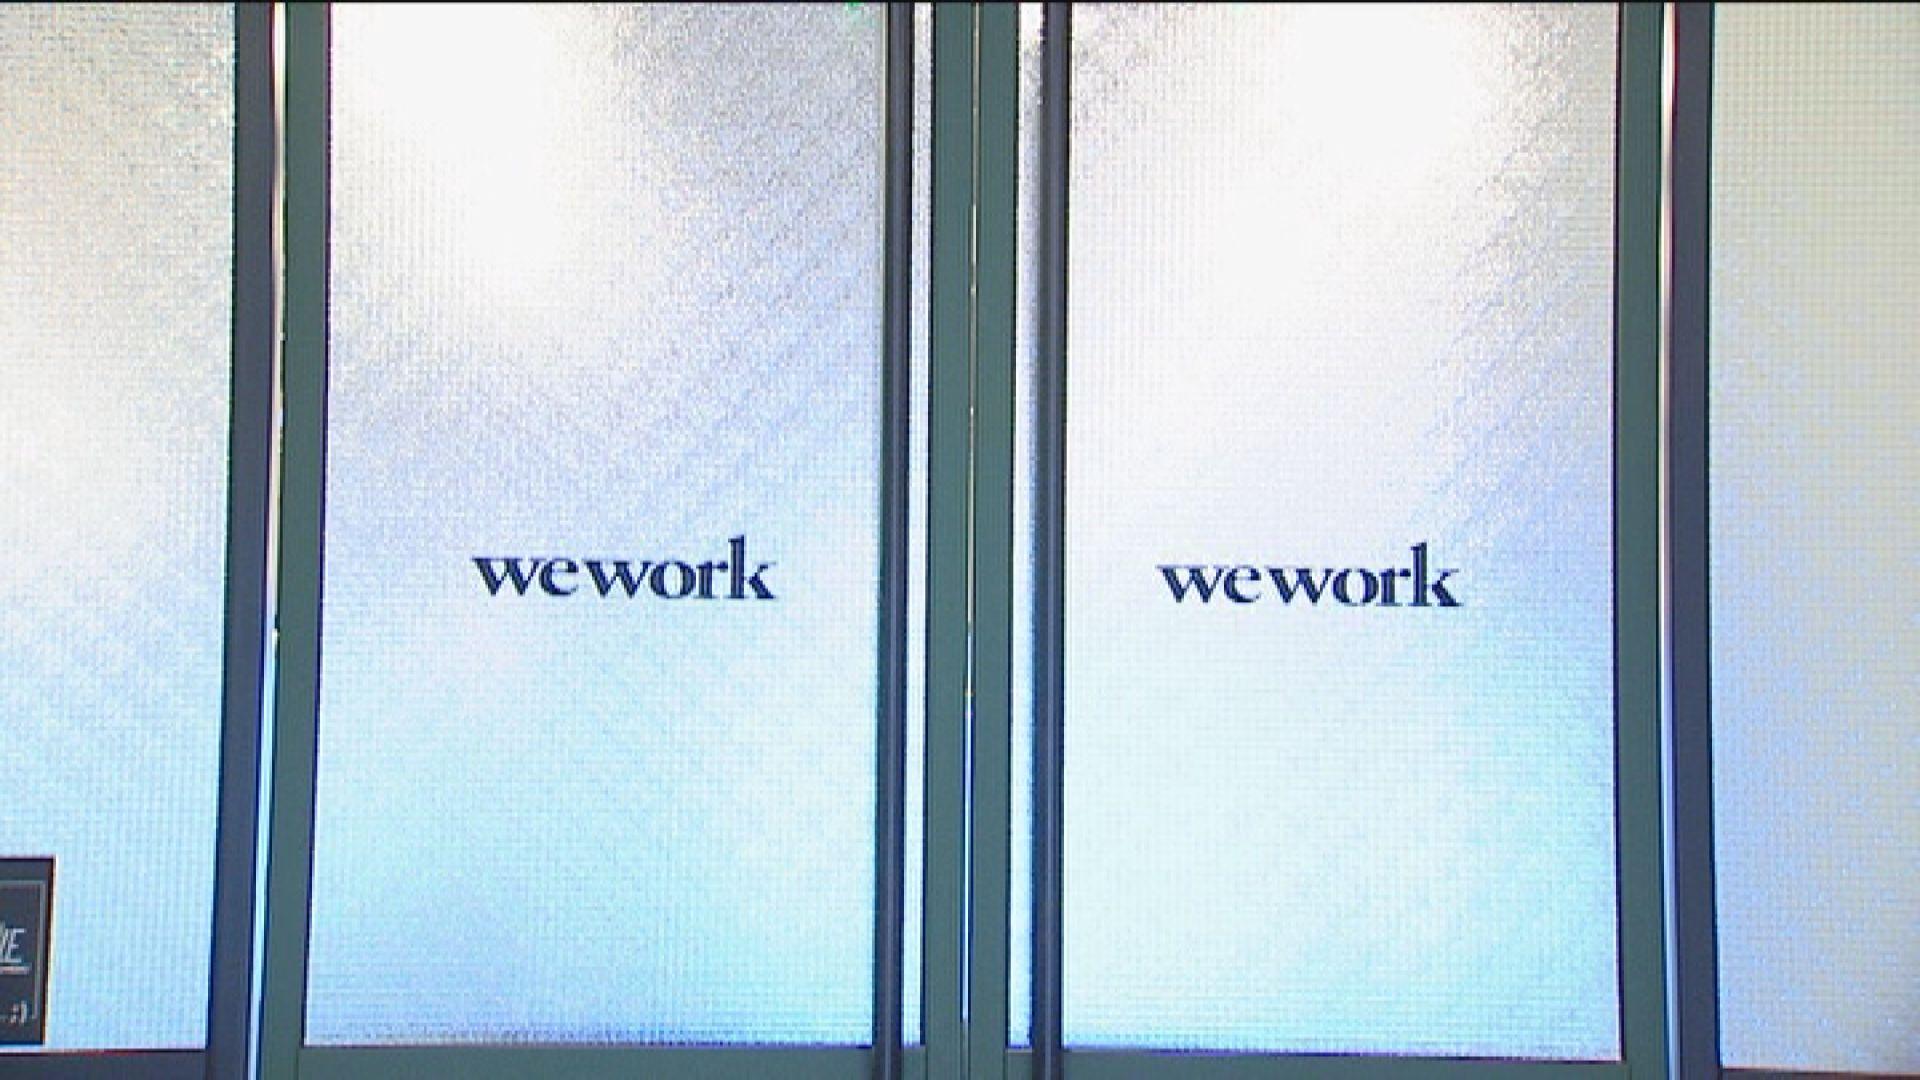 【取控制權】軟銀據報擬注資助WeWork解財困